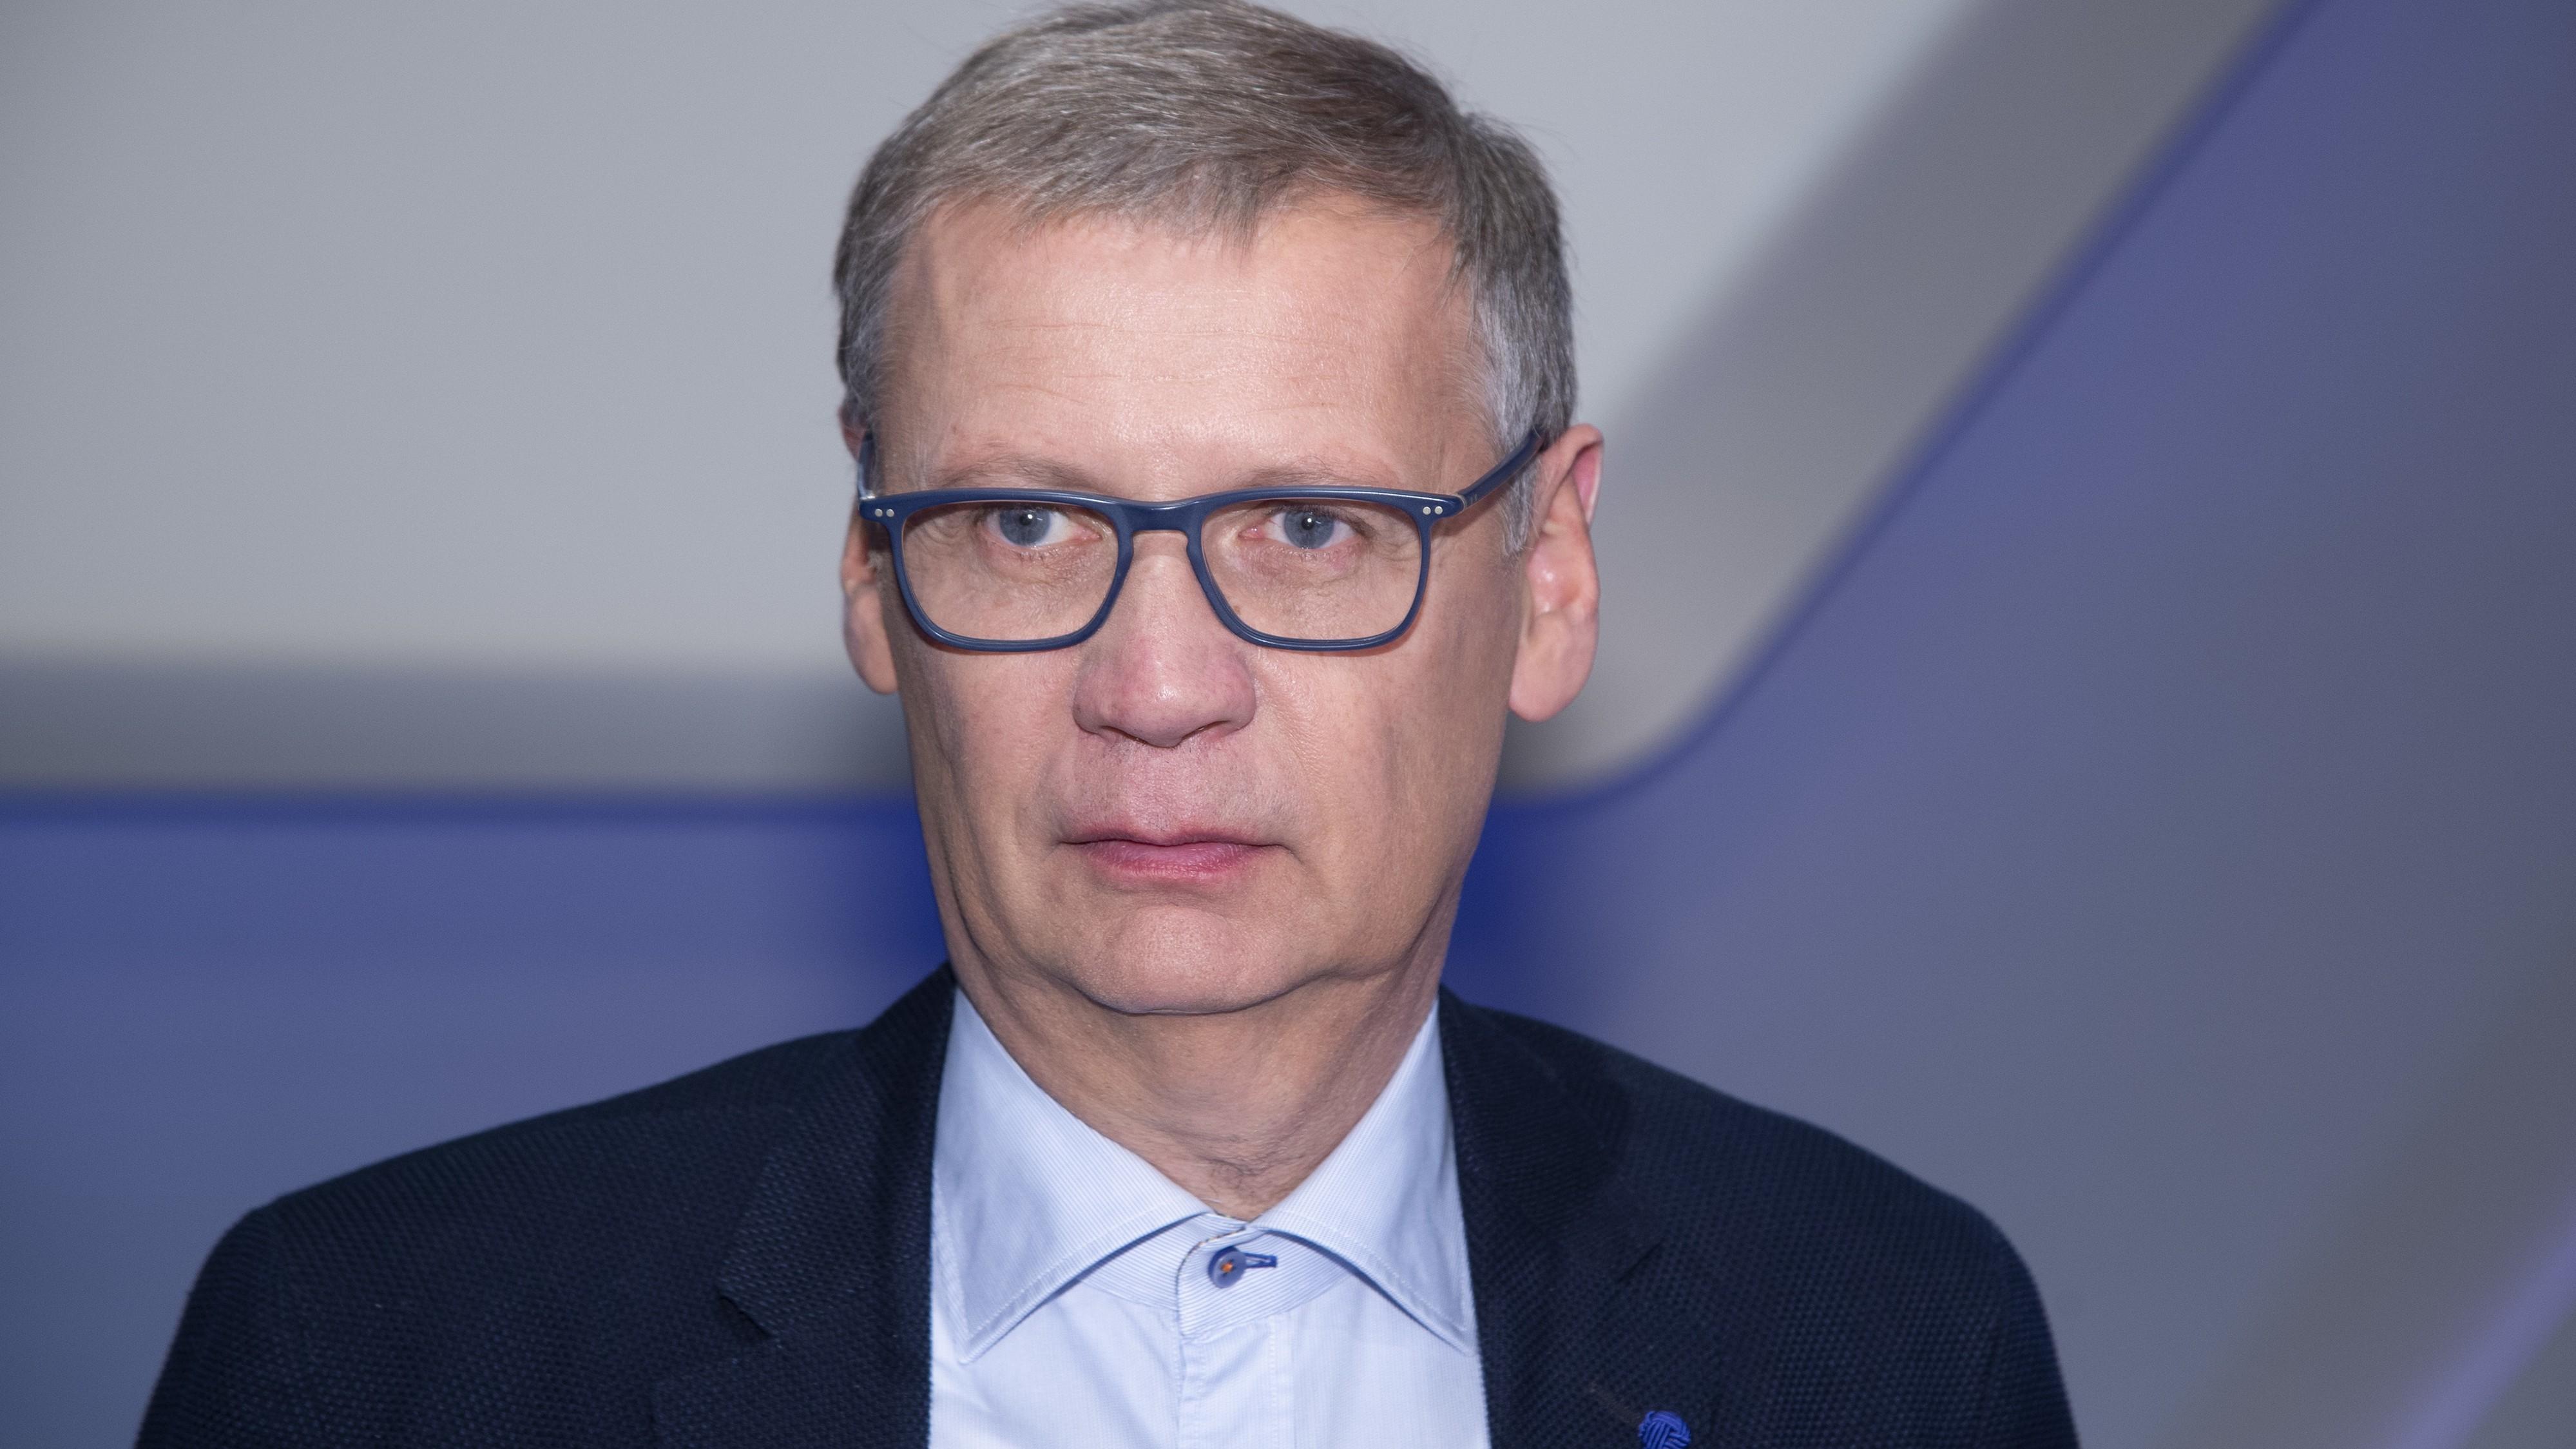 Dieser Promi hat Günther Jauch schockiert – Showmaster erklärt, warum